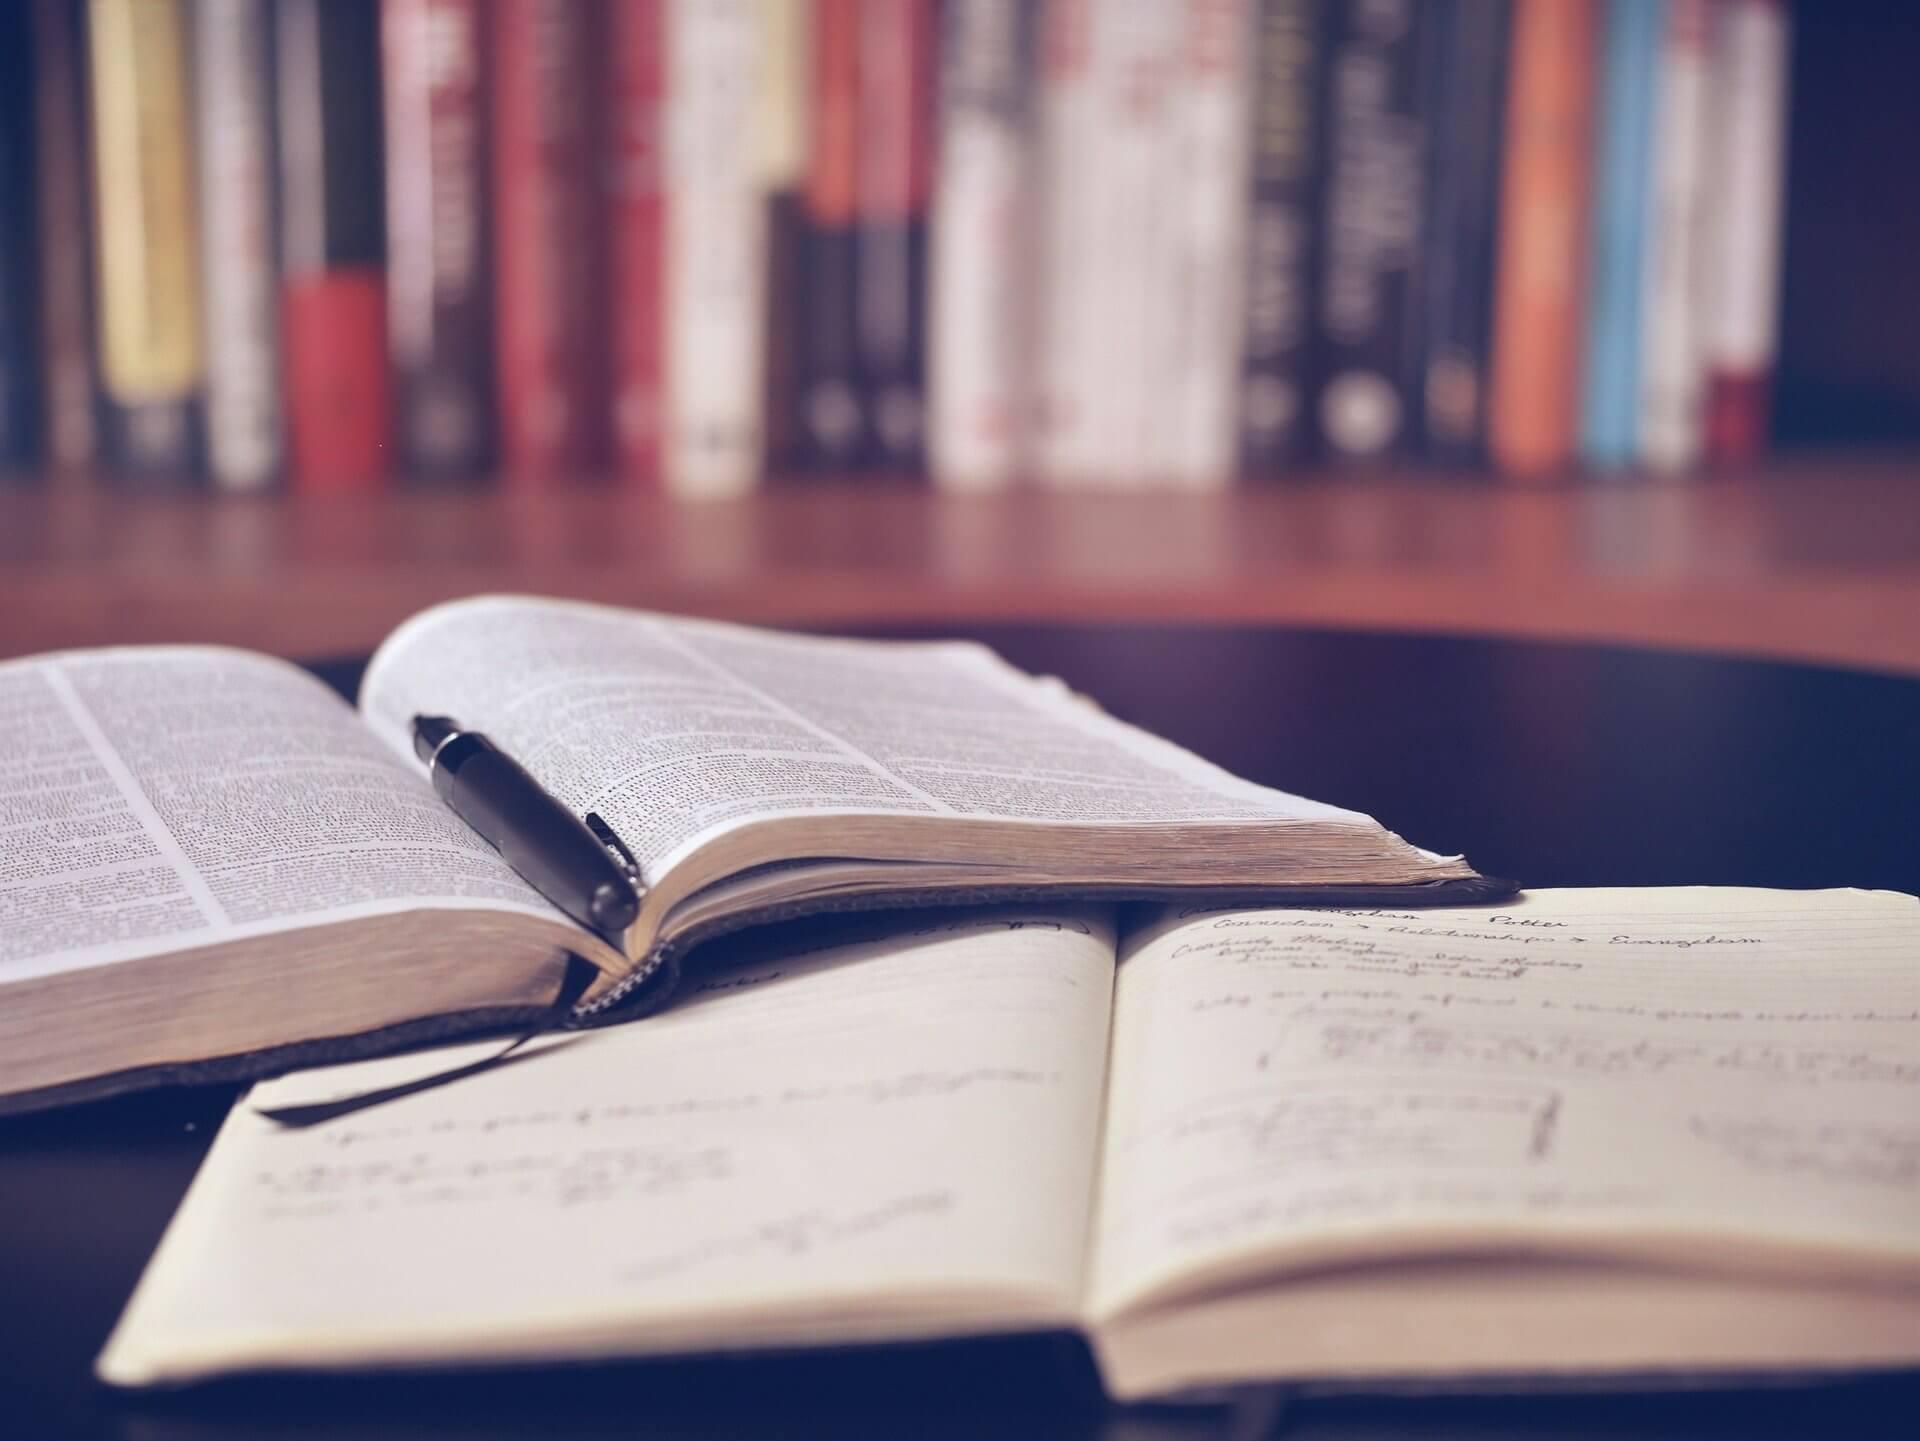 Sesja egzaminacyjna online — jak się przygotować i poradzić sobie ze stresem?